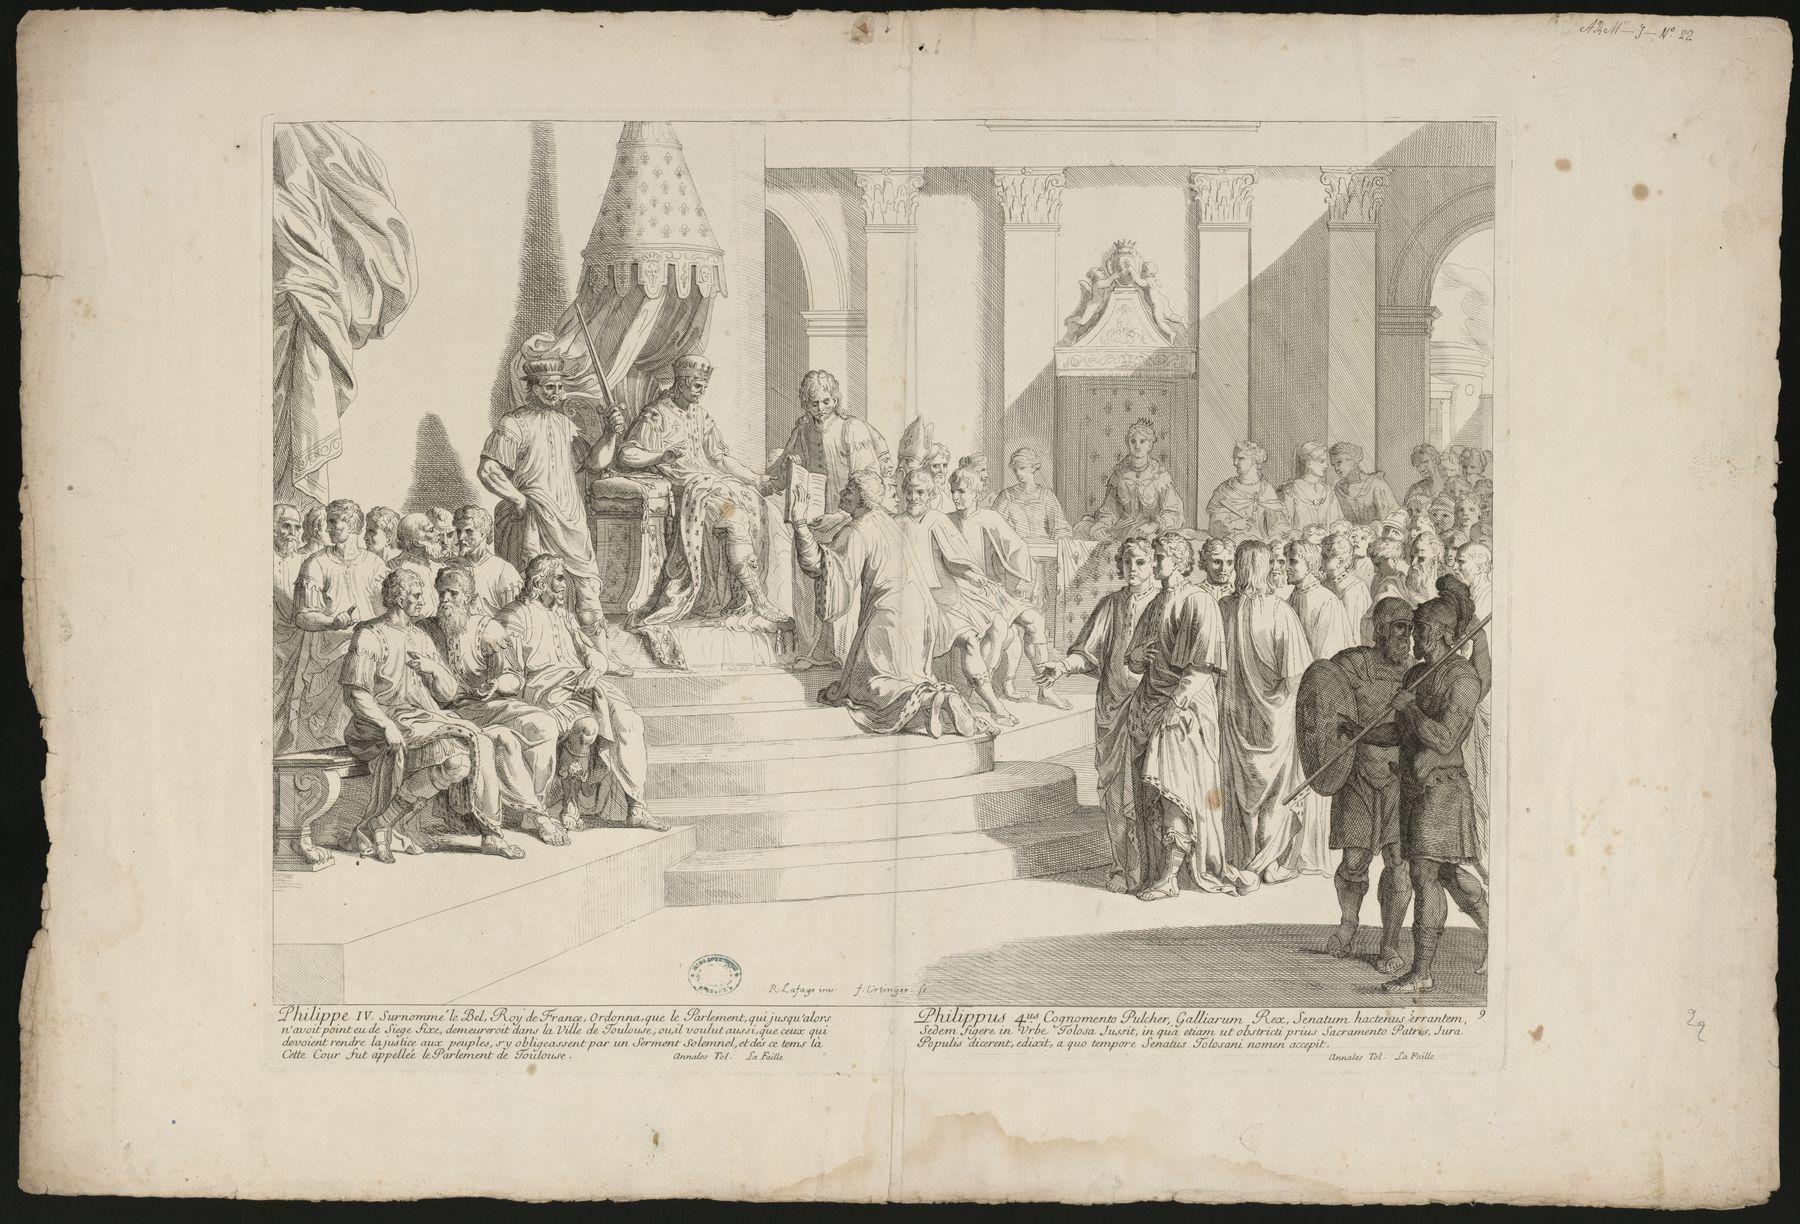 Contenu du Philippe IV ordonne que le parlement siège à Toulouse